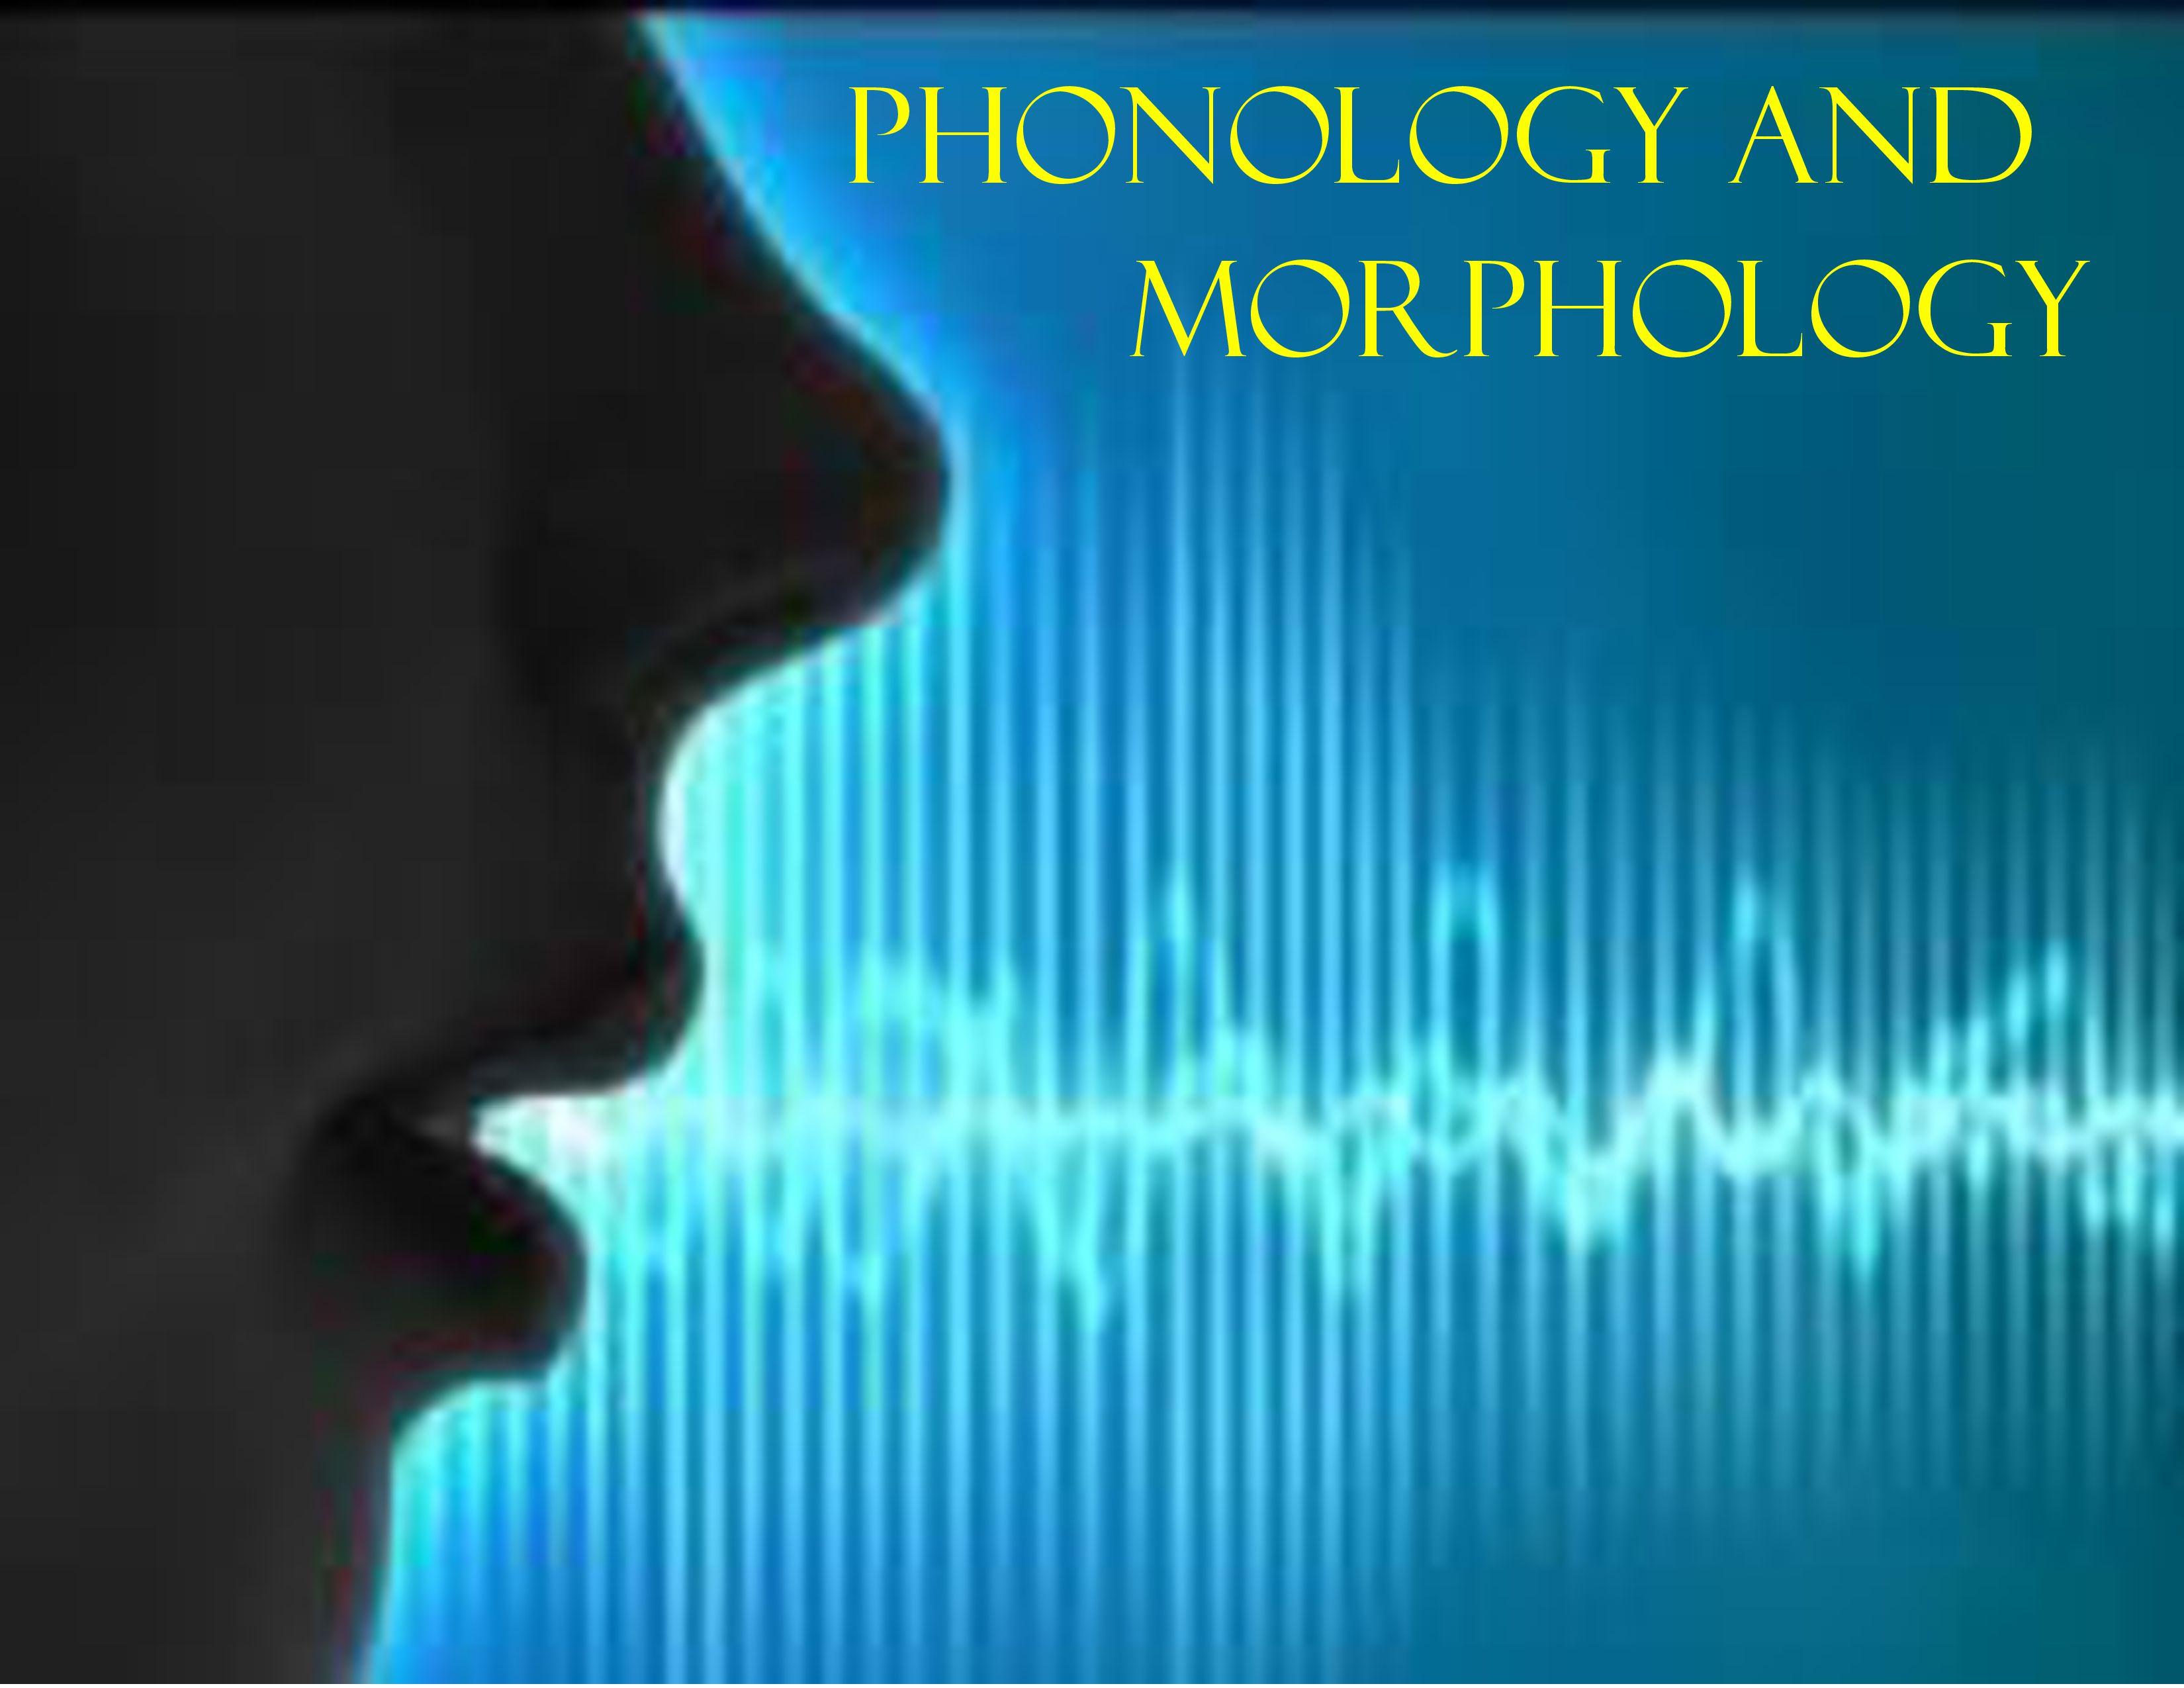 Phonology and Morphology